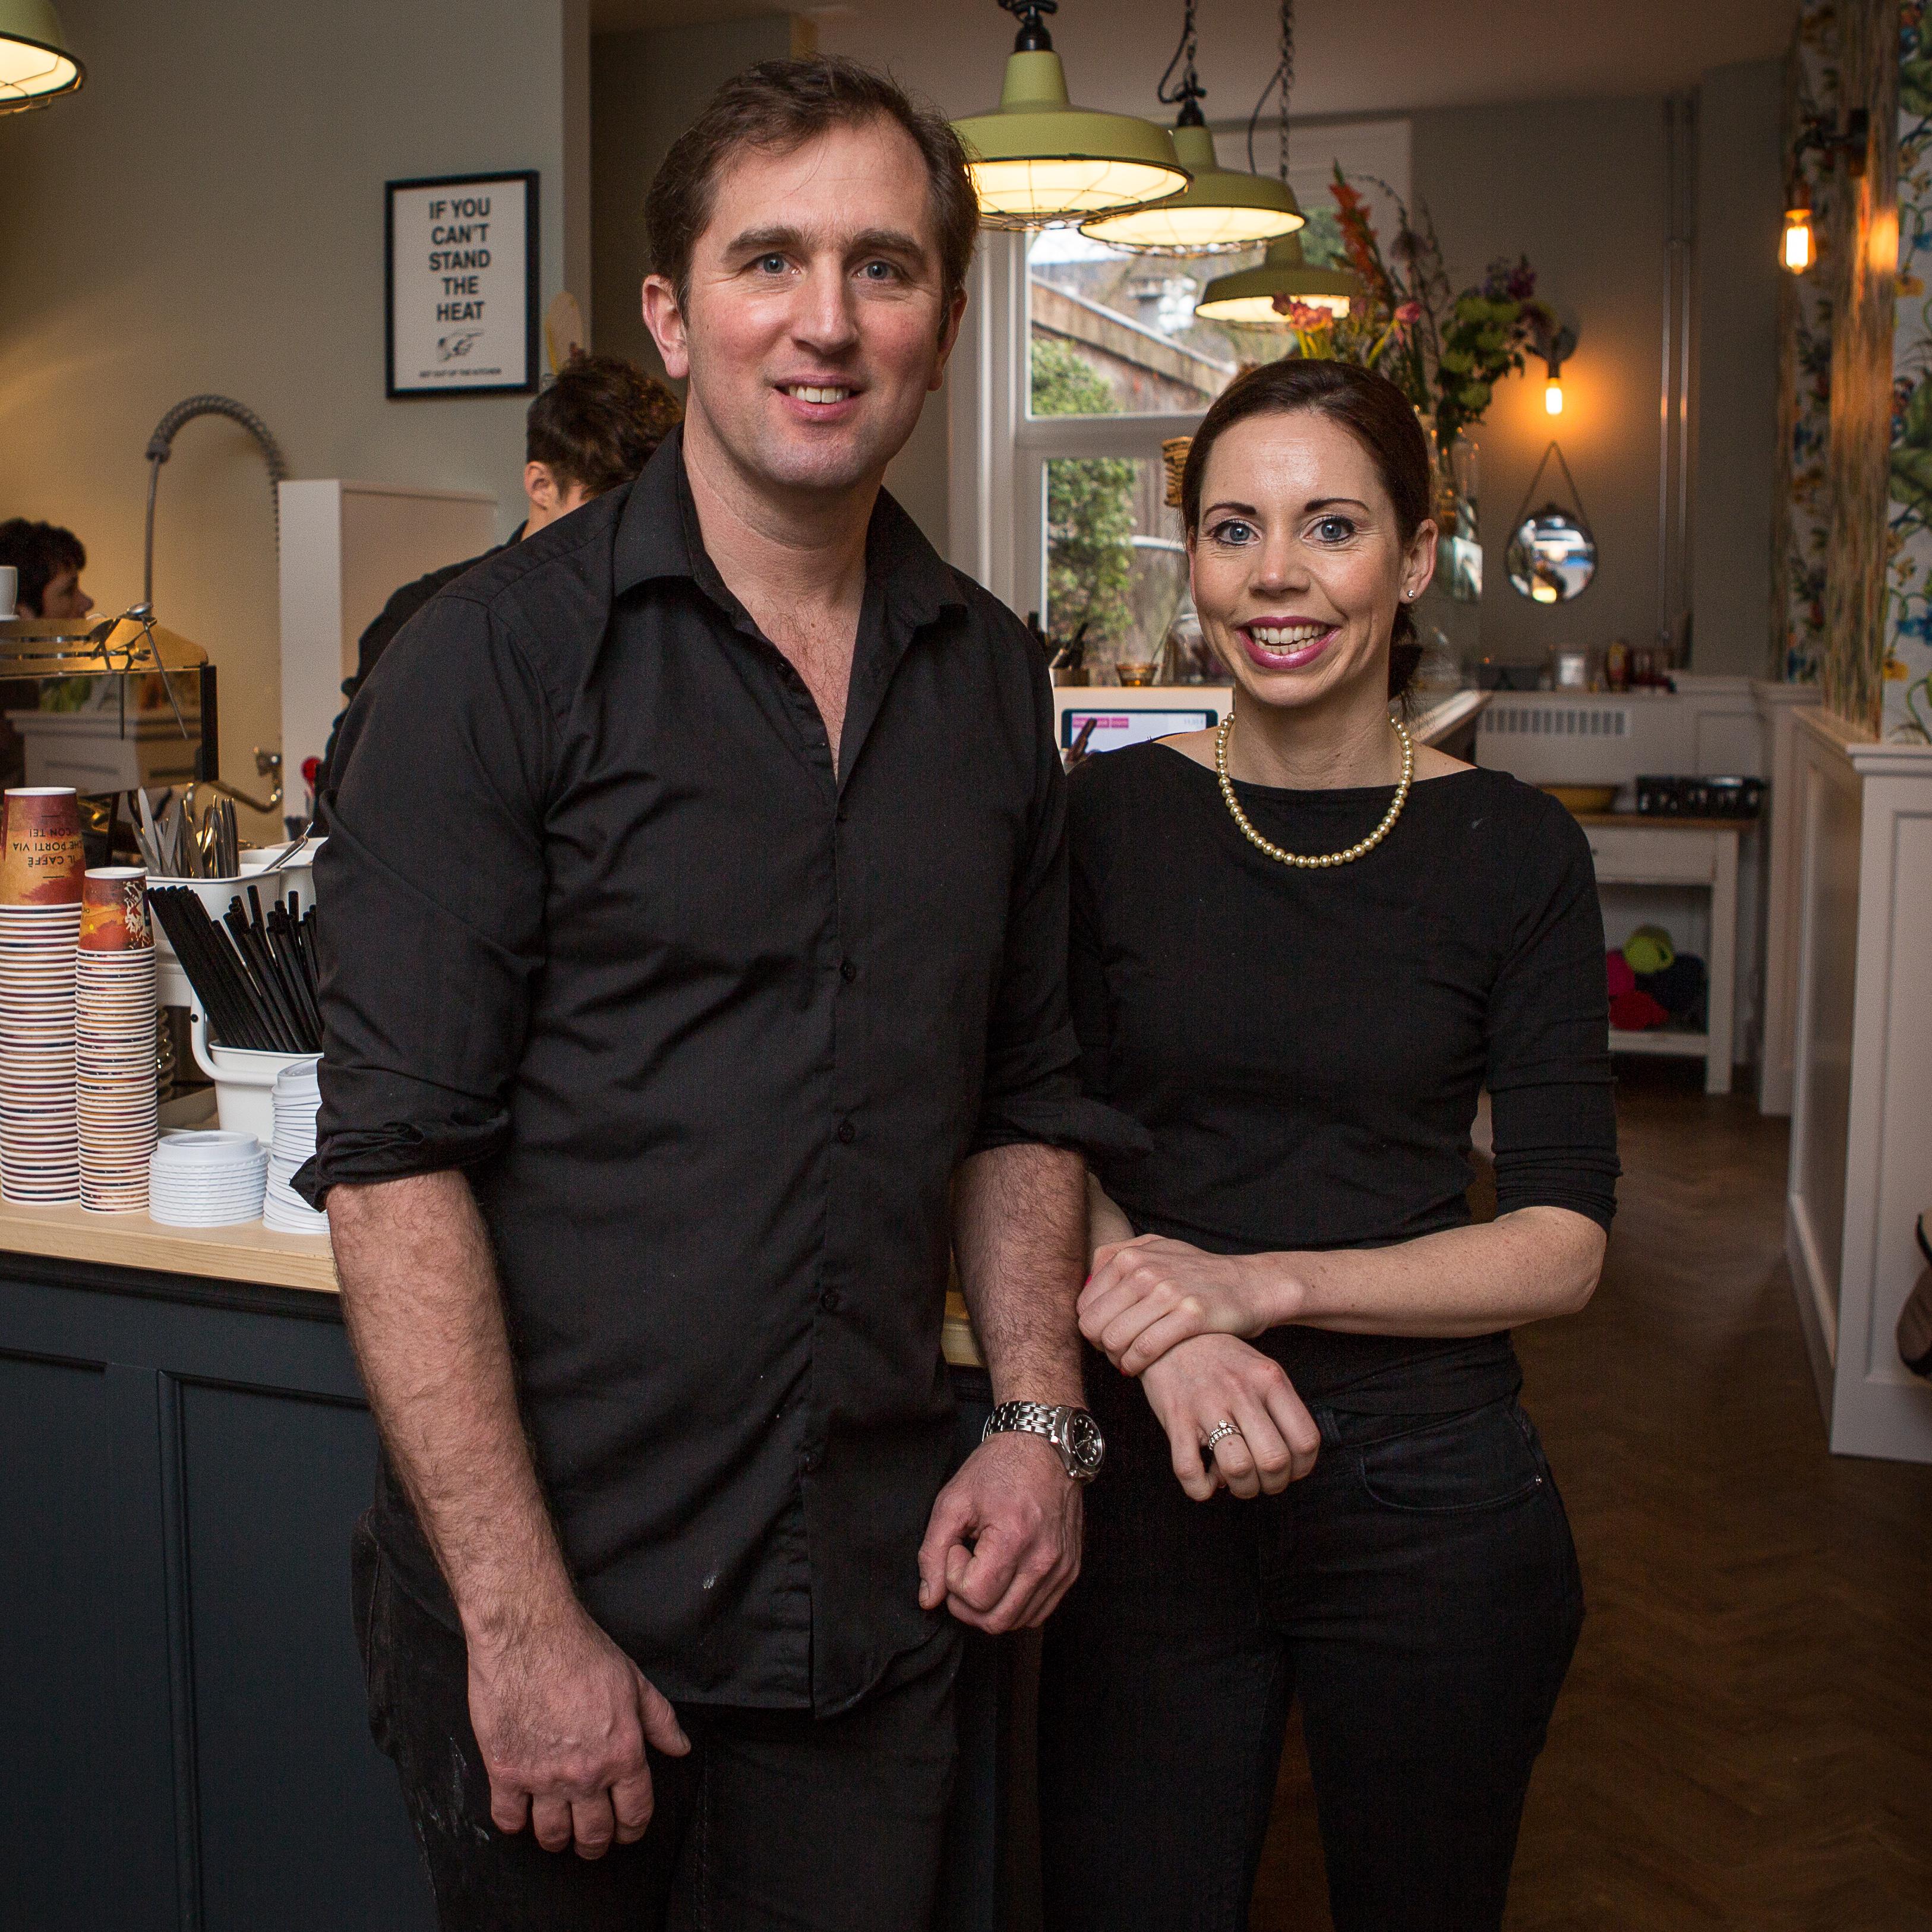 vlnr Fiona Buitenhuis (32) en haar man Marc Stöger (41)